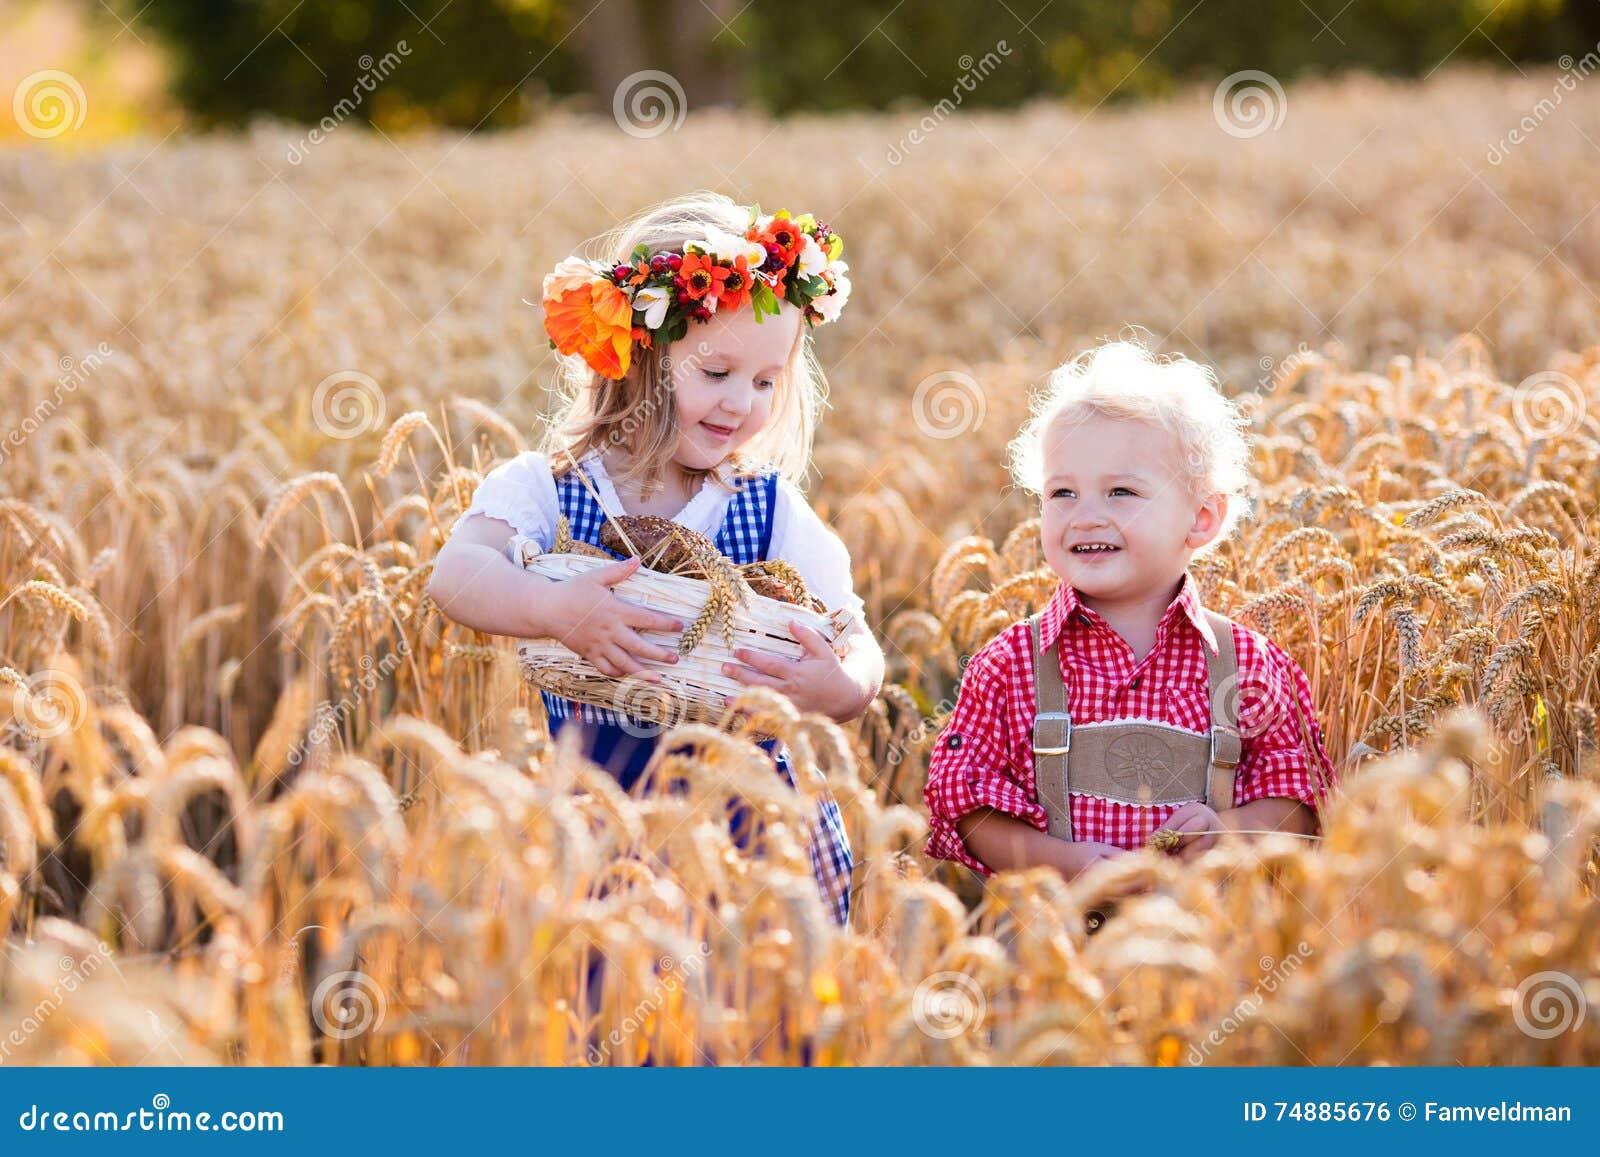 Crianças em trajes bávaros no campo de trigo